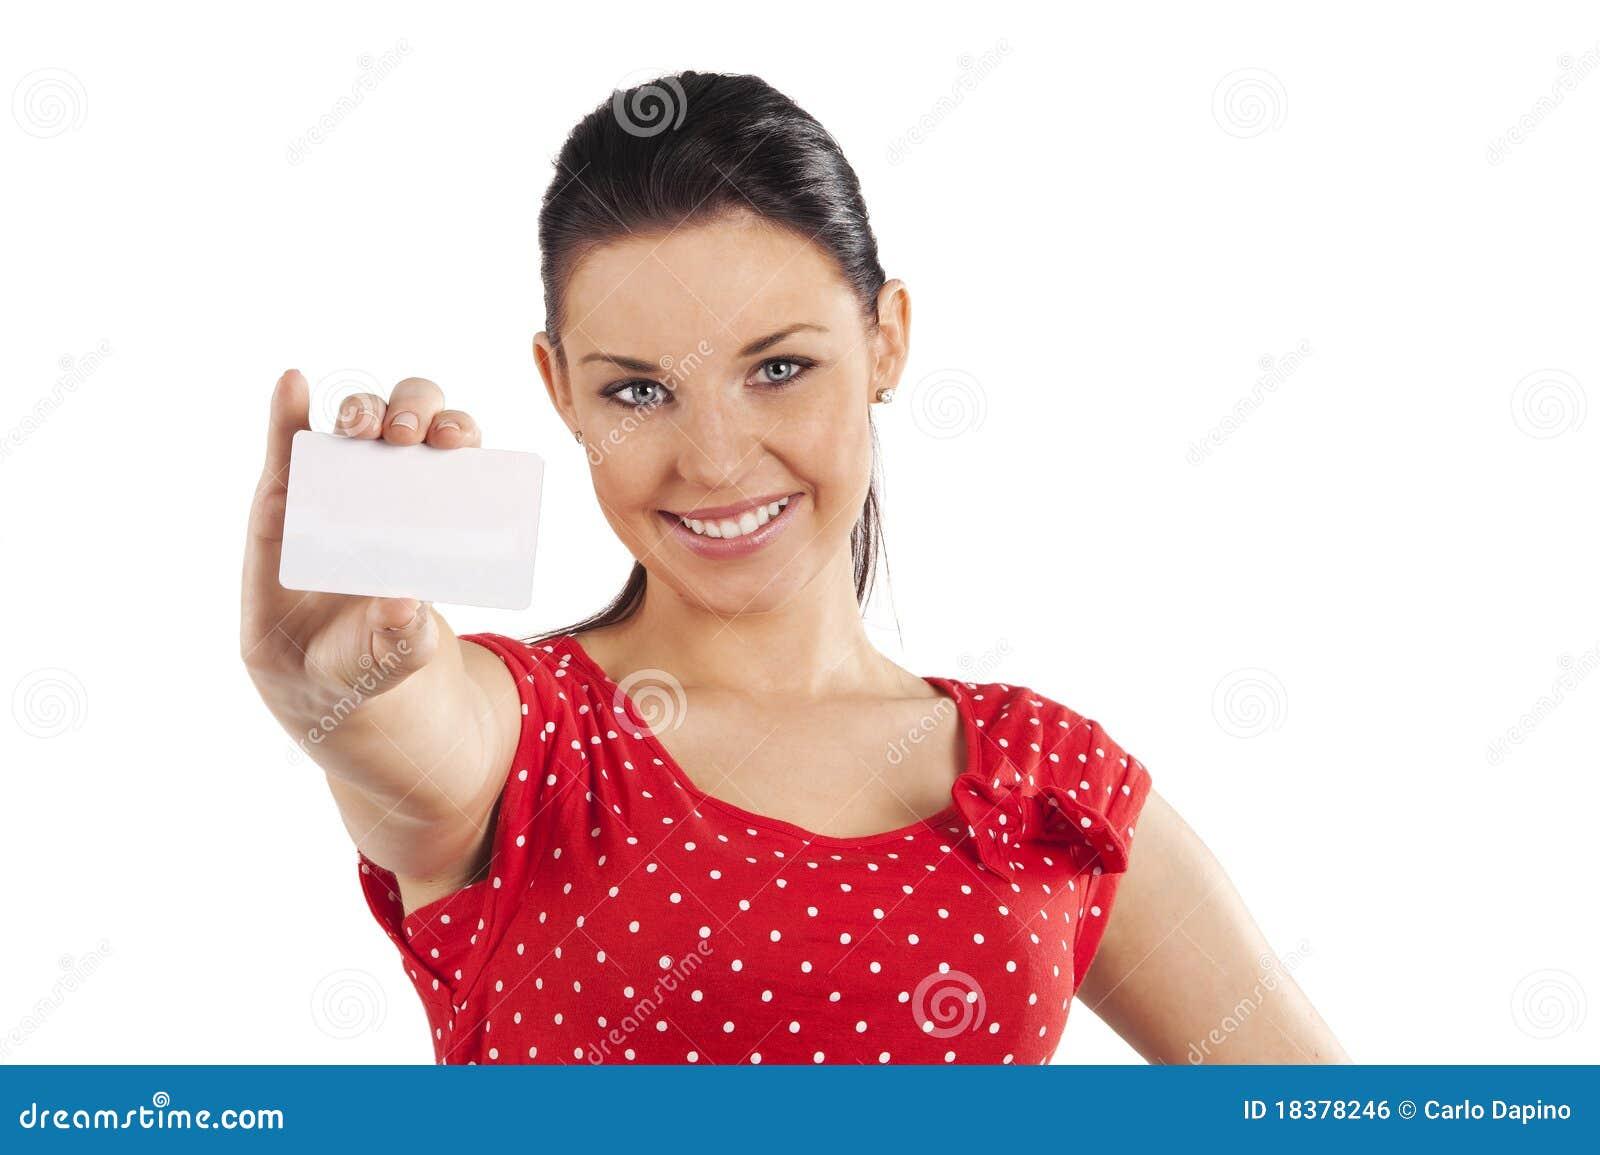 Karciana uśmiechnięta kobieta